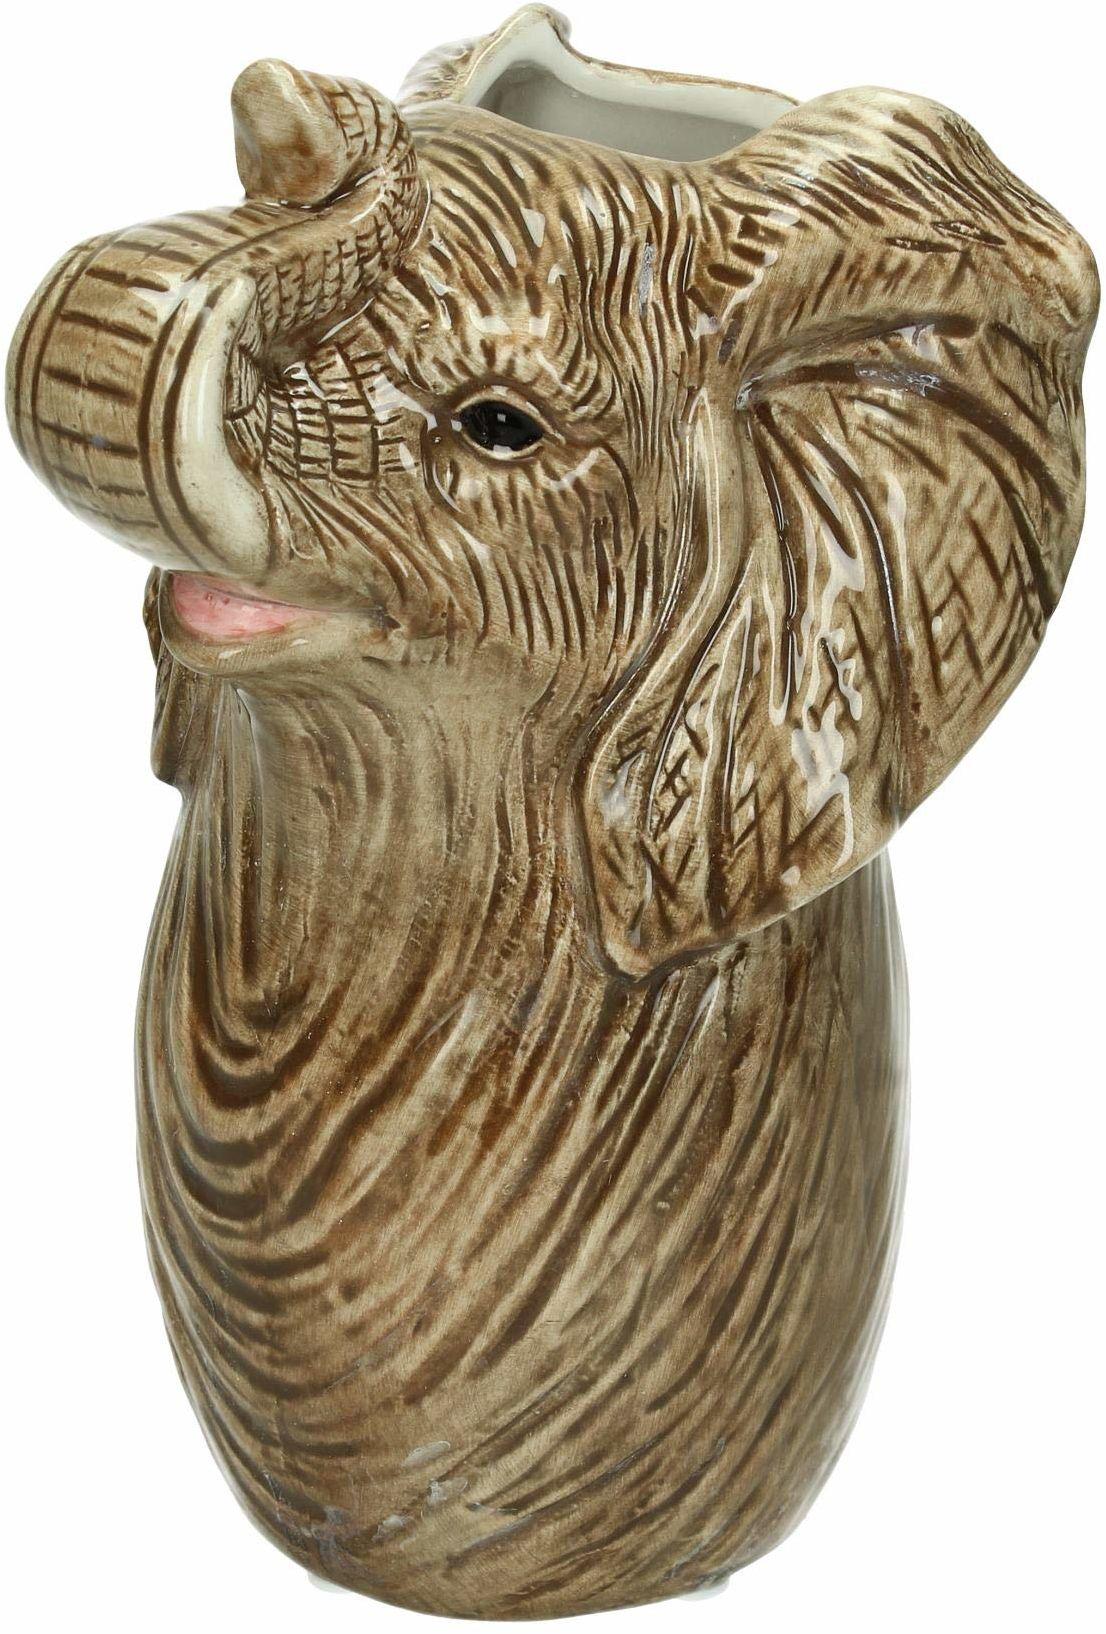 Wazon Elephant - drobny kamionka - szary - 13x12x22 cm